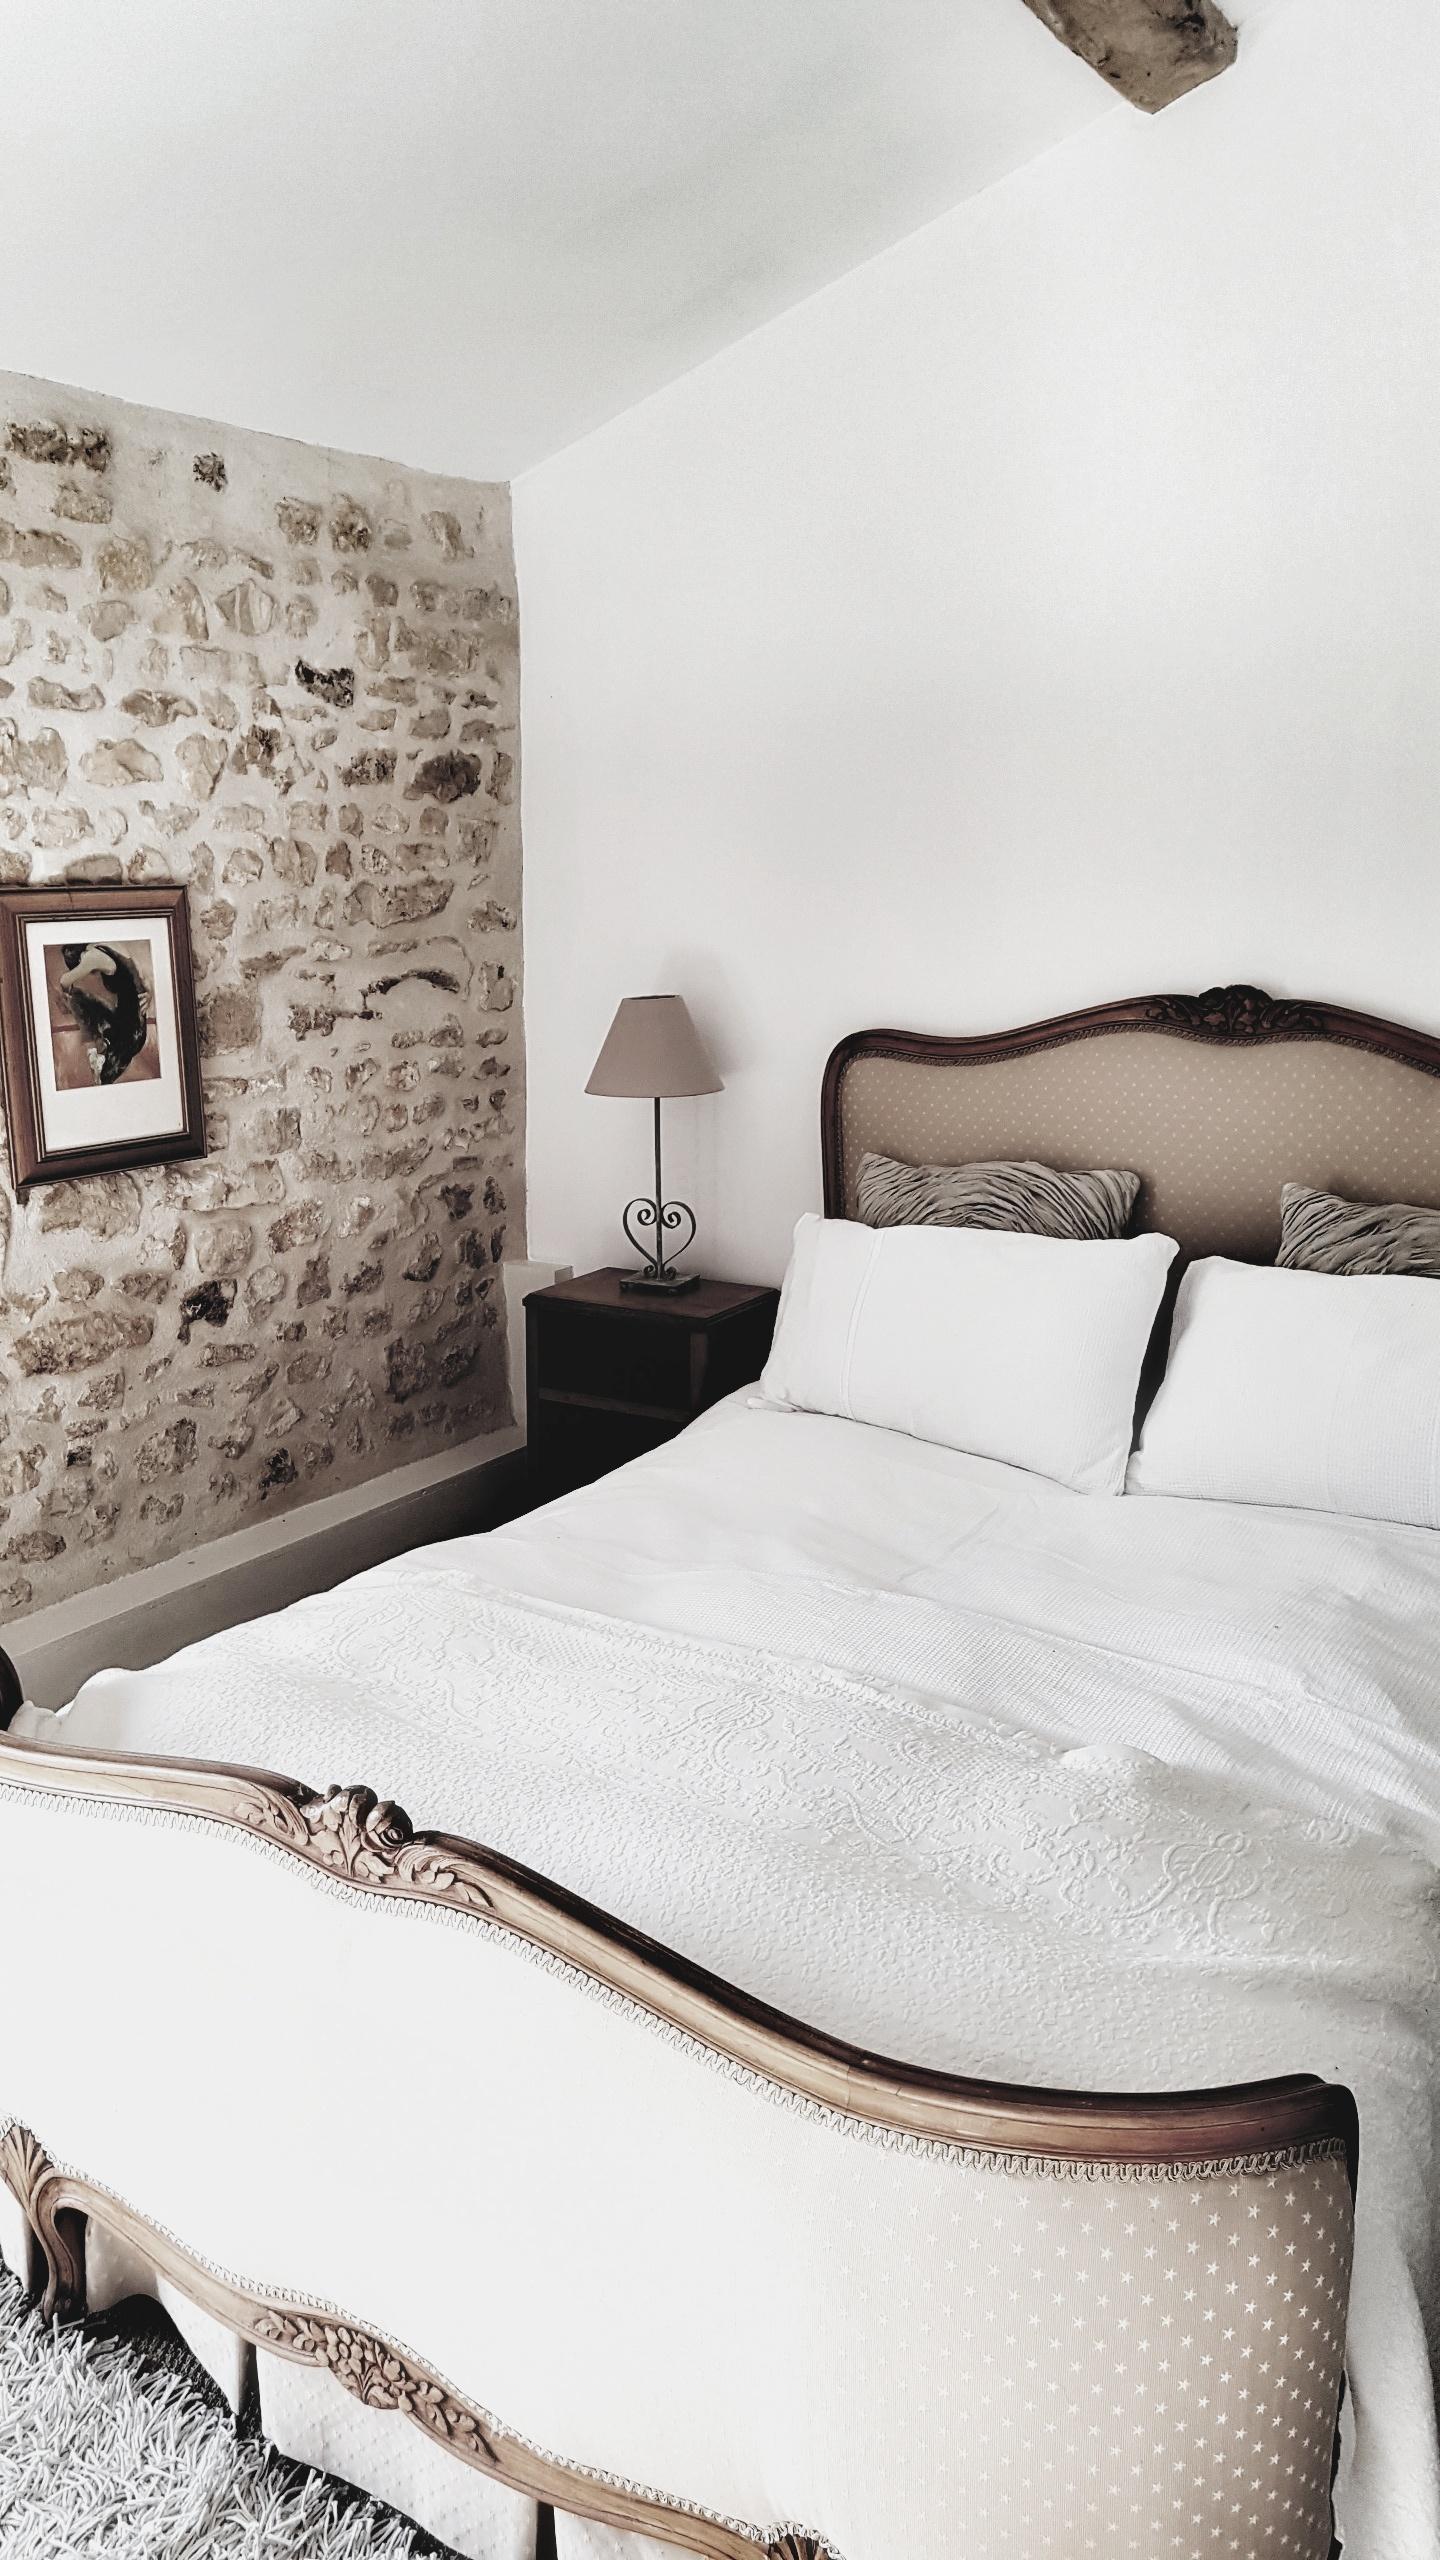 VCH Bedroom 4(3).jpeg